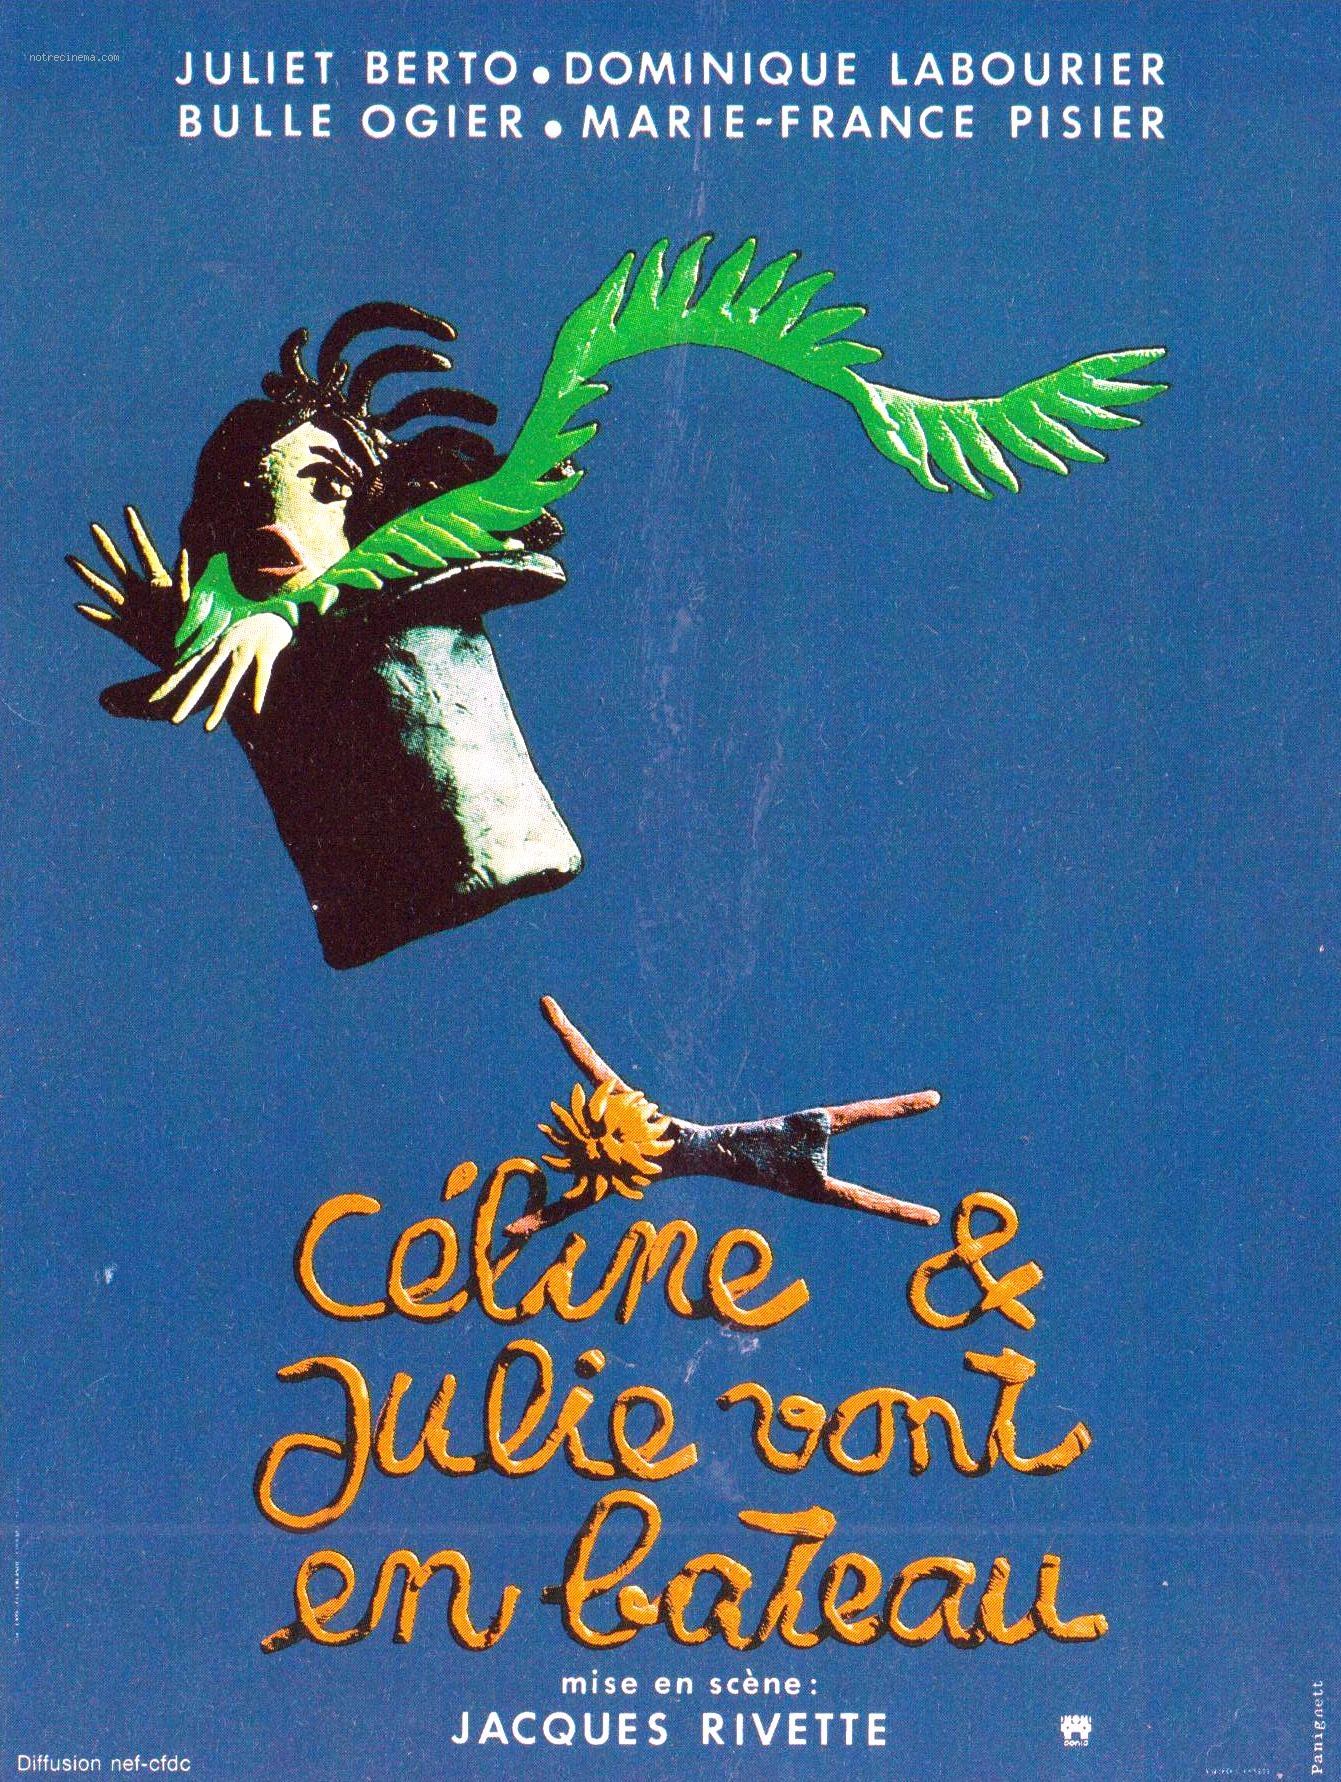 celine poster 1974